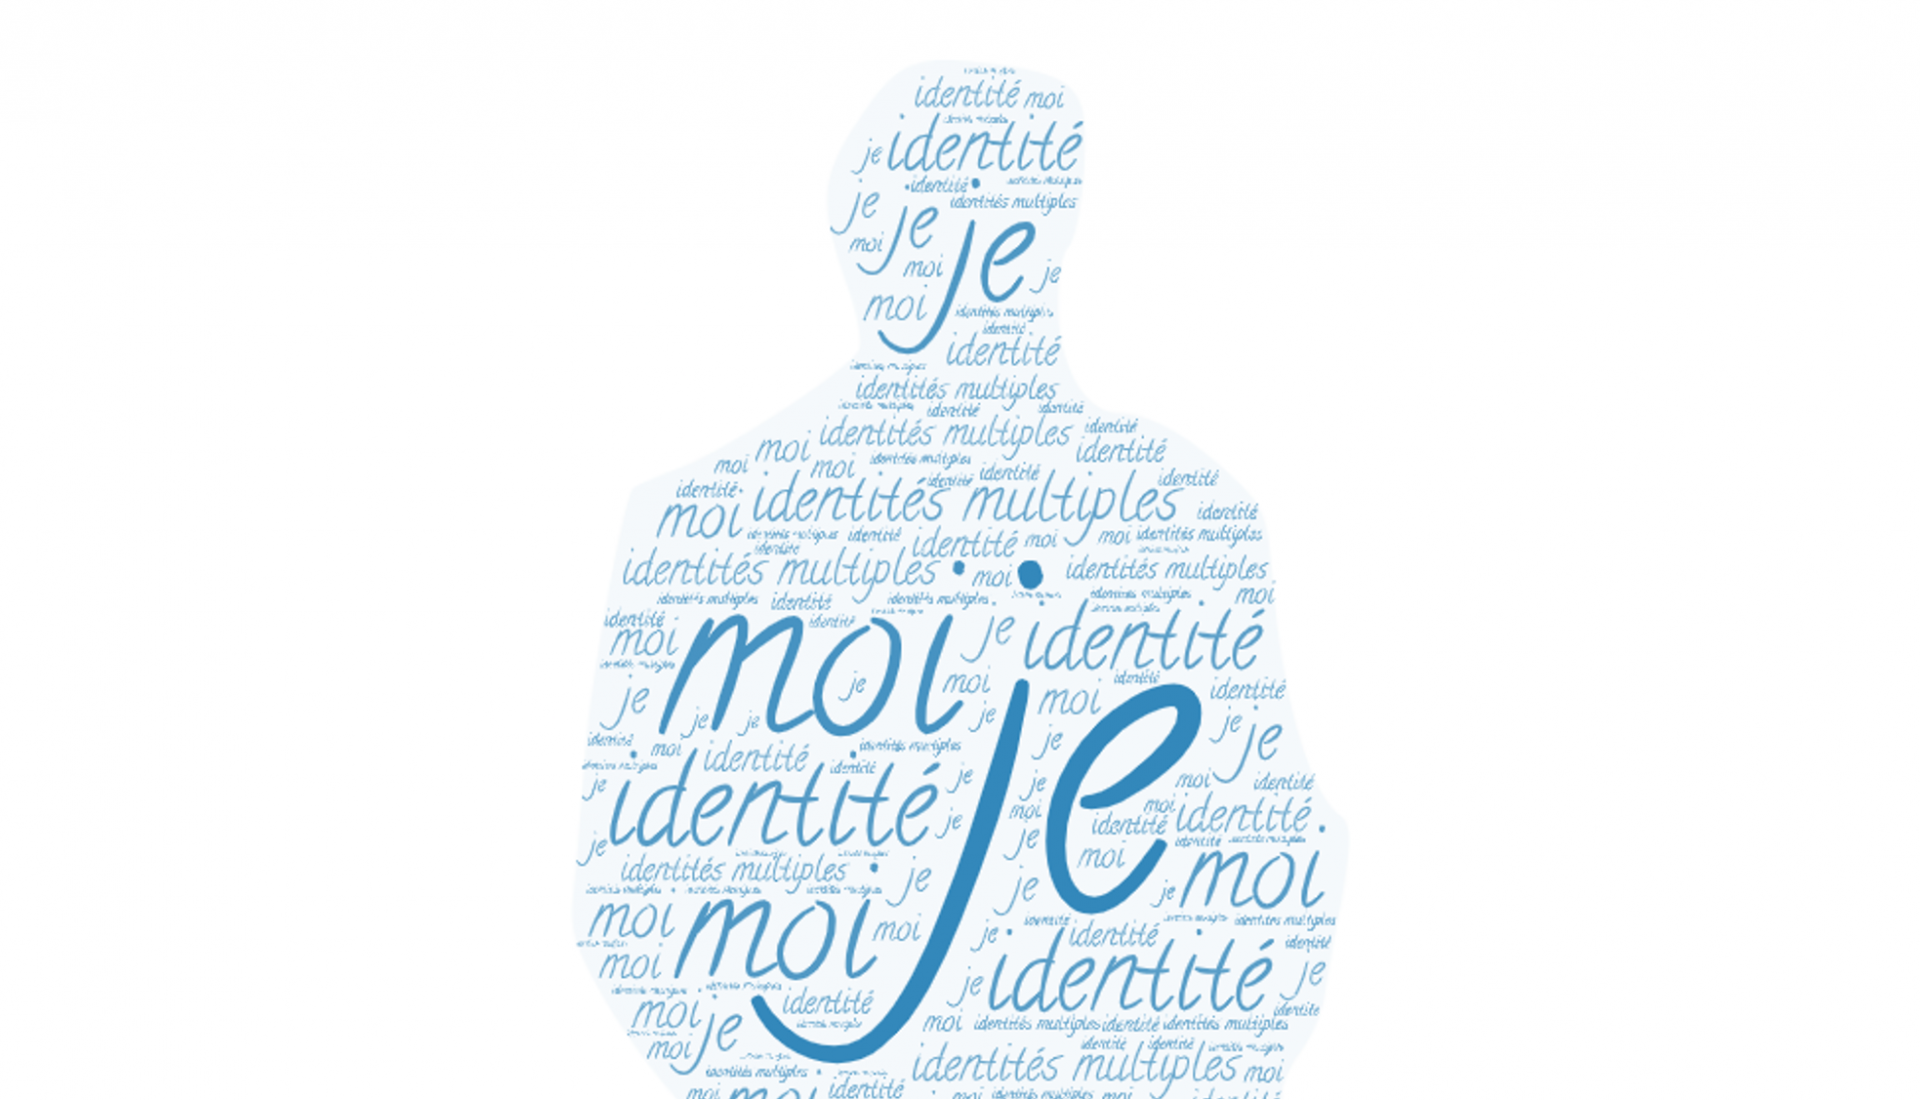 Apéro philo : Qui suis-je et combien ? Réflexion sur les identités multiples et fluides